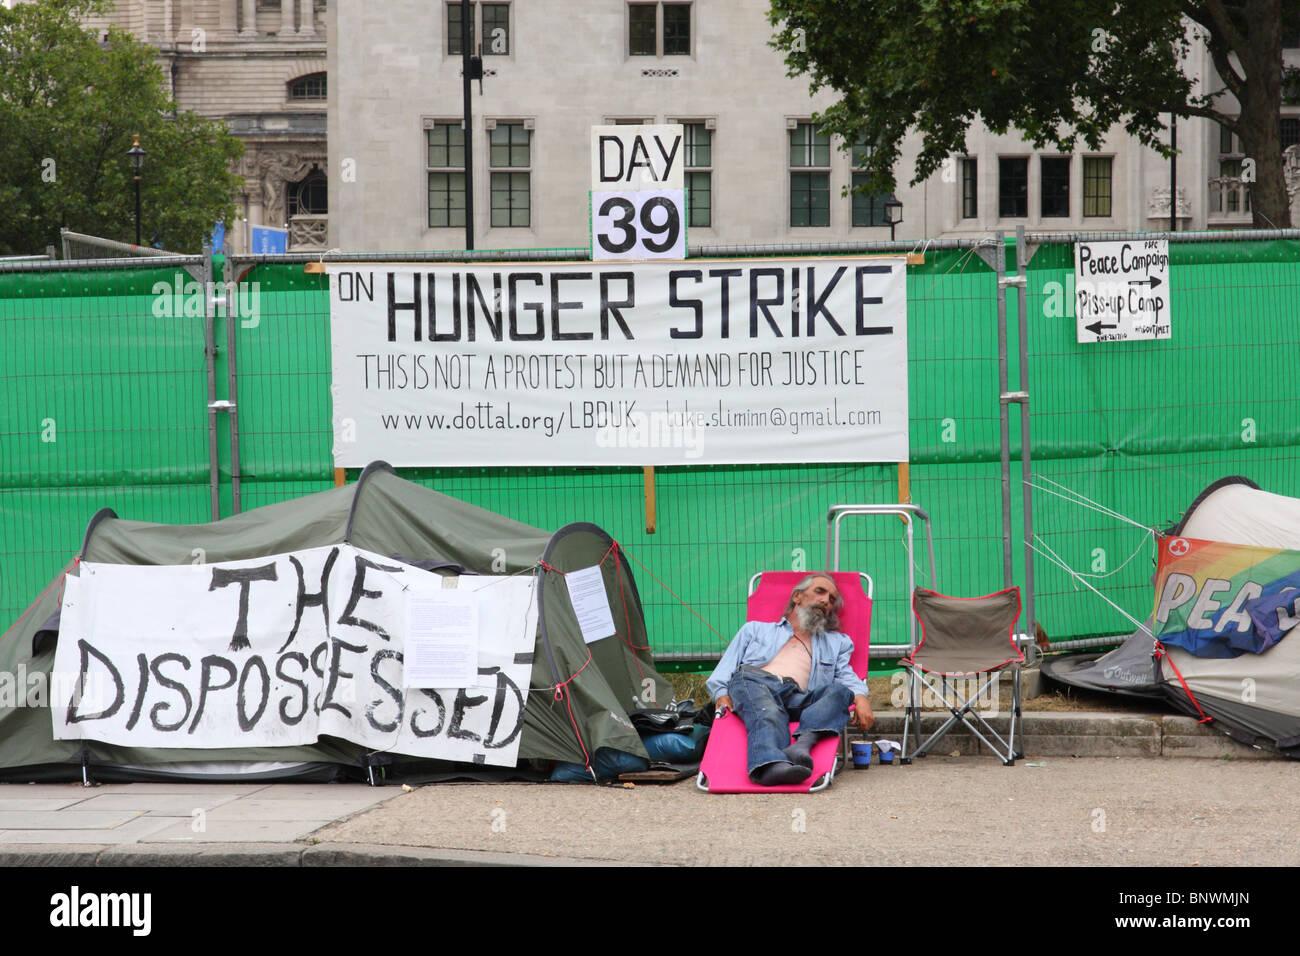 Un manifestant en grève de la faim au camp de la paix, la place du Parlement, Westminster, Londres, Angleterre, Photo Stock